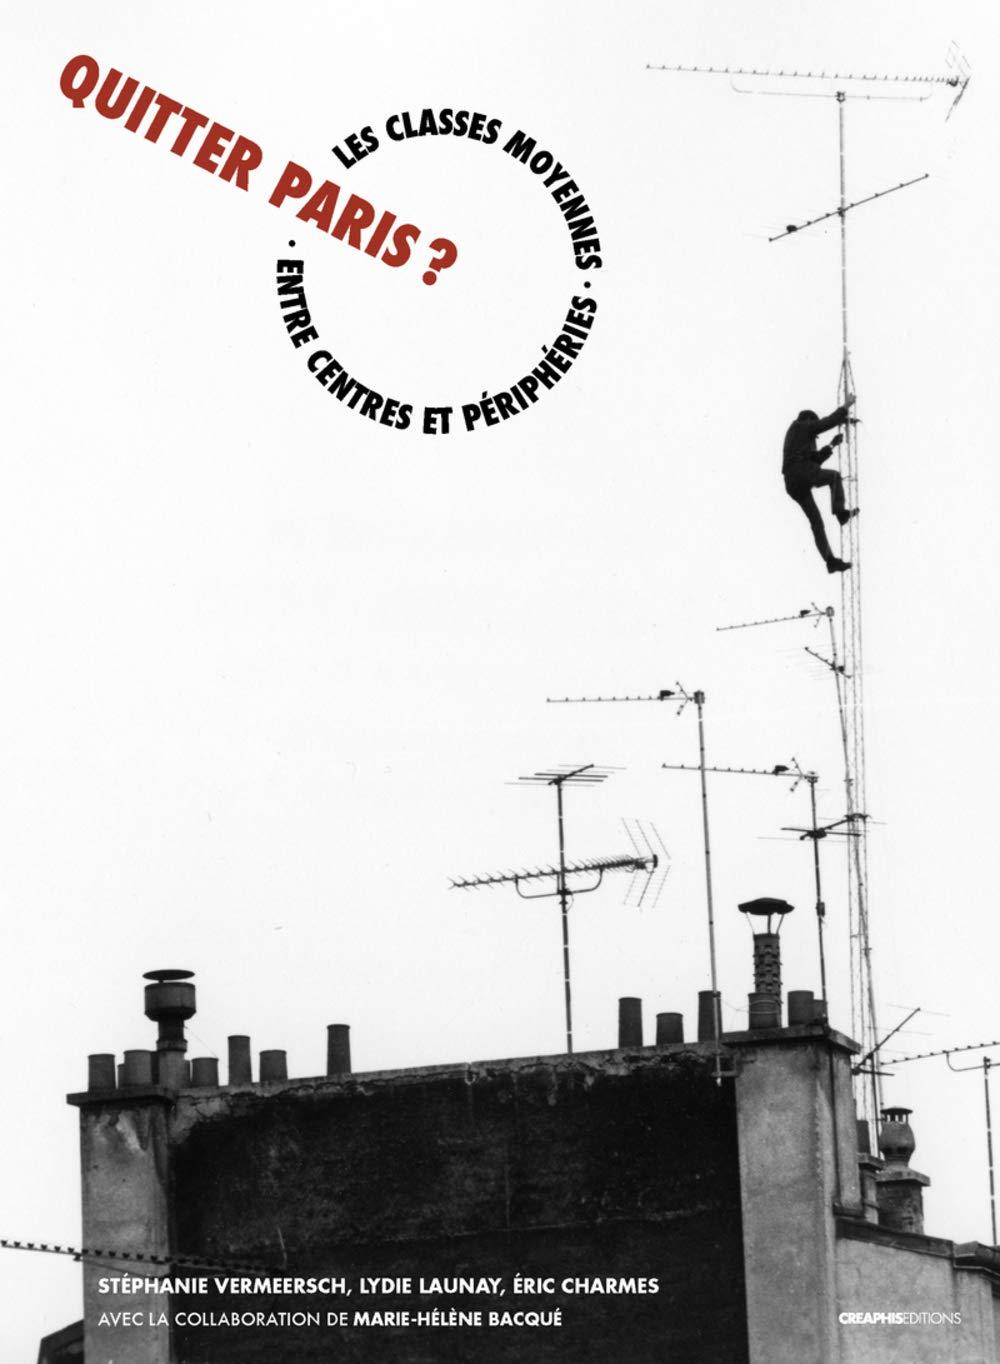 Quitter Paris ? Les classes moyennes entre centres et périphéries, Stéphanie Vermeersch, Lydie Launay, Éric Charmes, avec la collaboration de Marie-Hélène Bacqué, Créaphis, 192 p., 25 €. Paru novembre 2018.